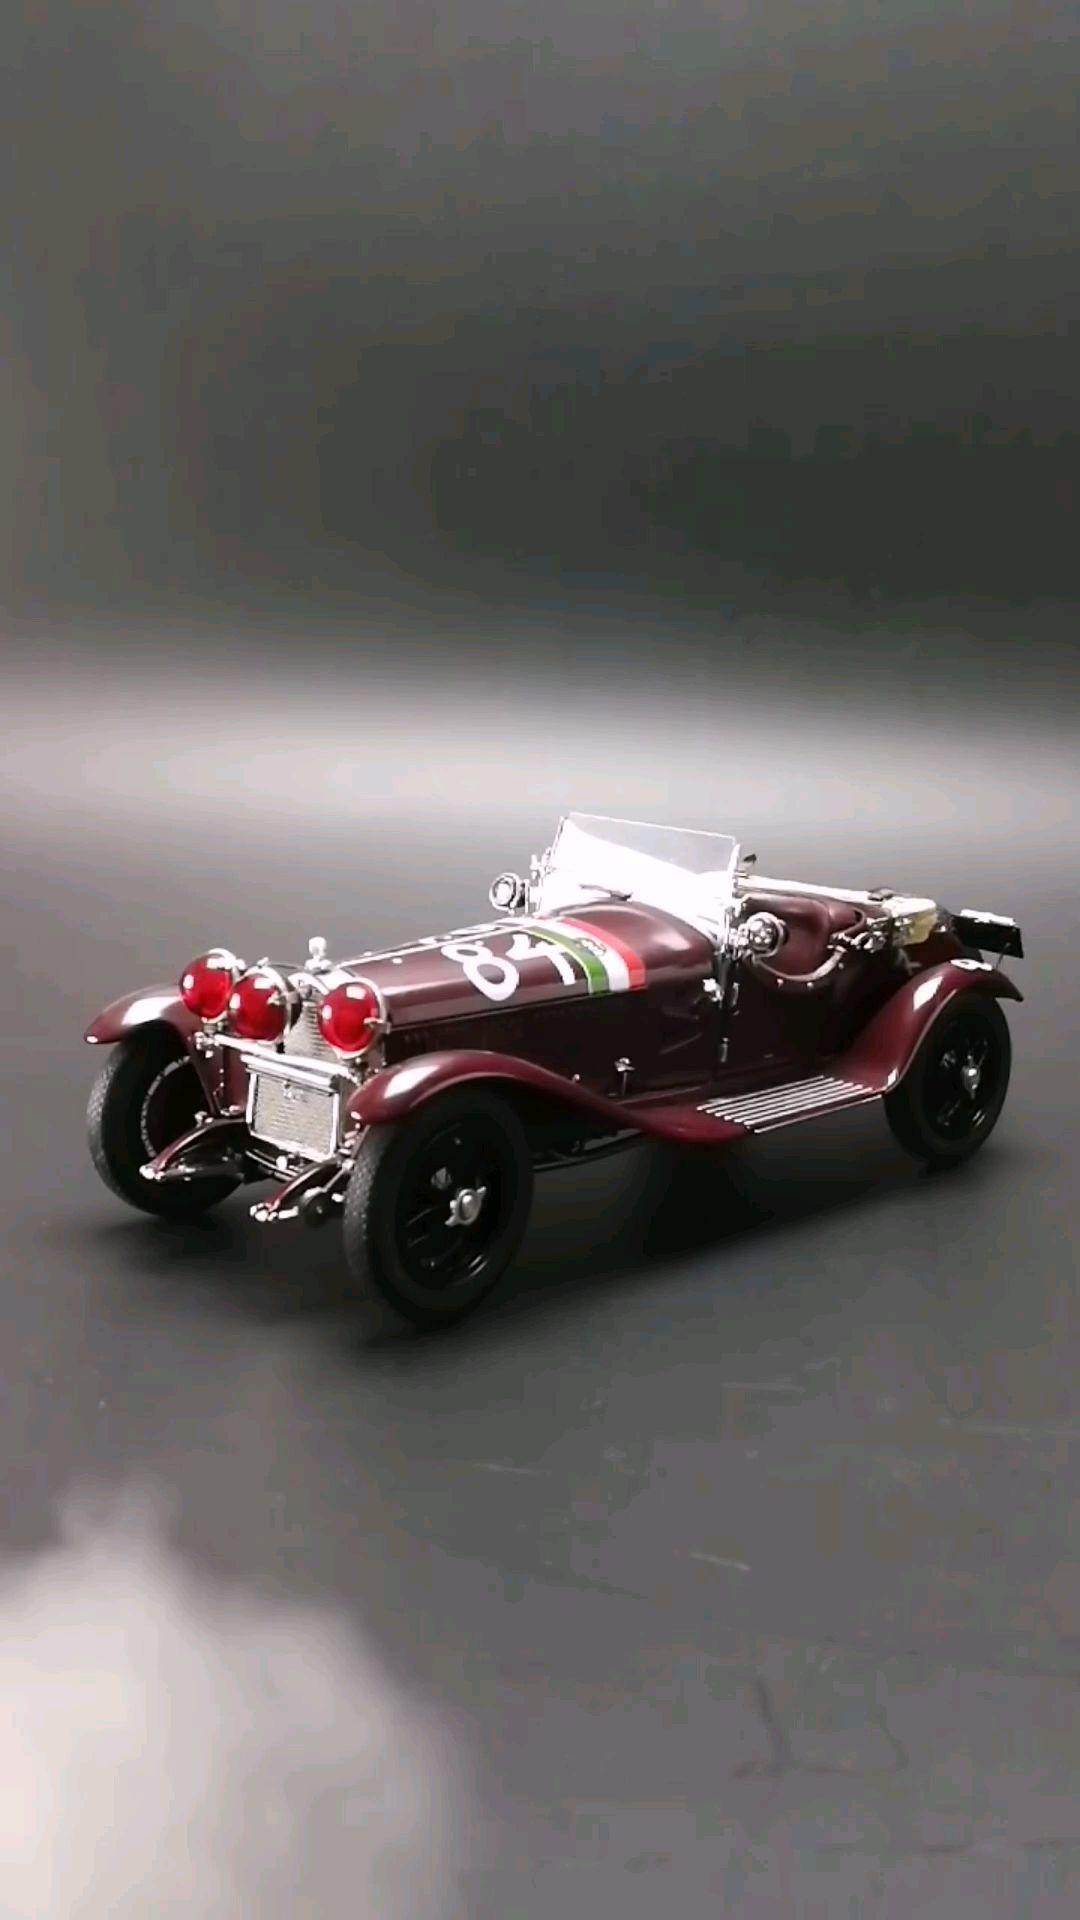 1928阿尔法罗密欧6C赛车,1:18比例,东晓汽车模型收藏馆藏品。